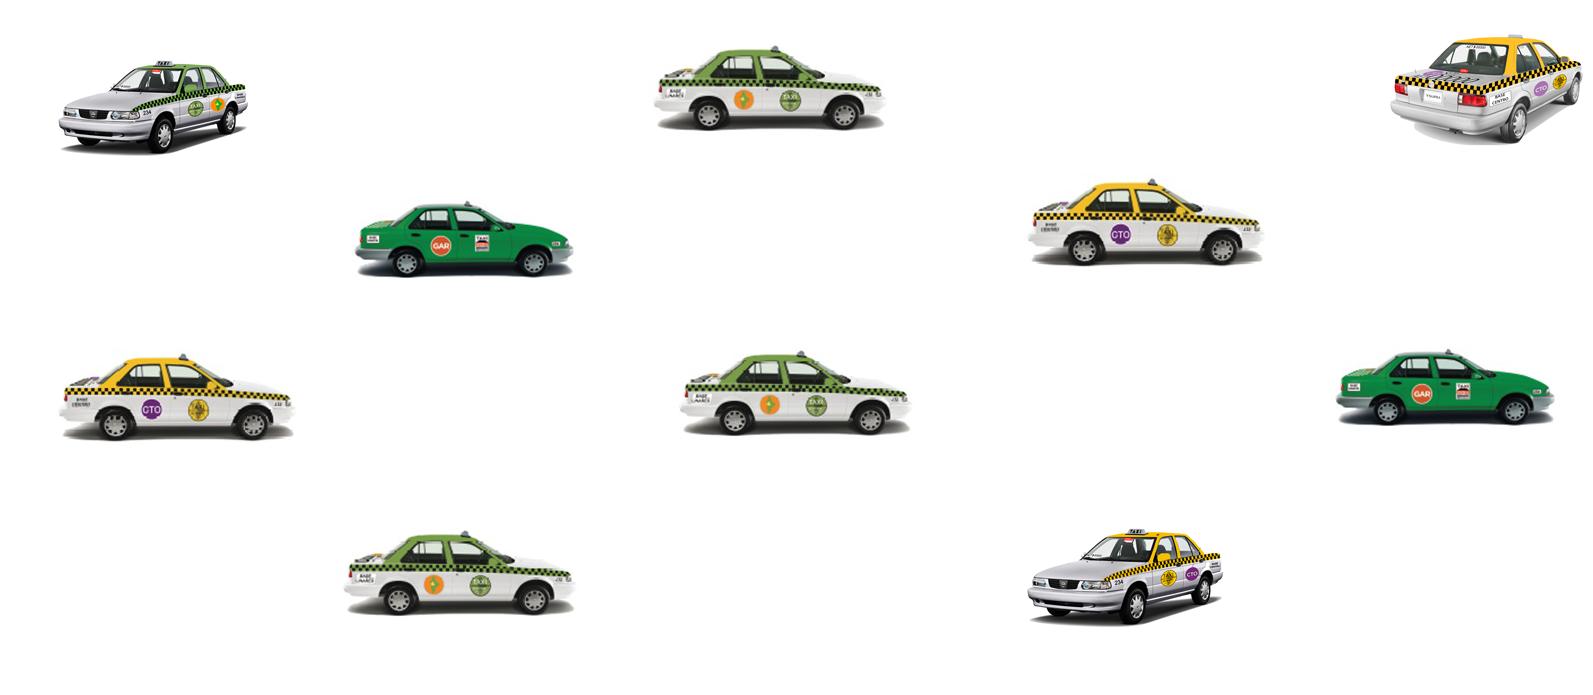 identidad para taxis